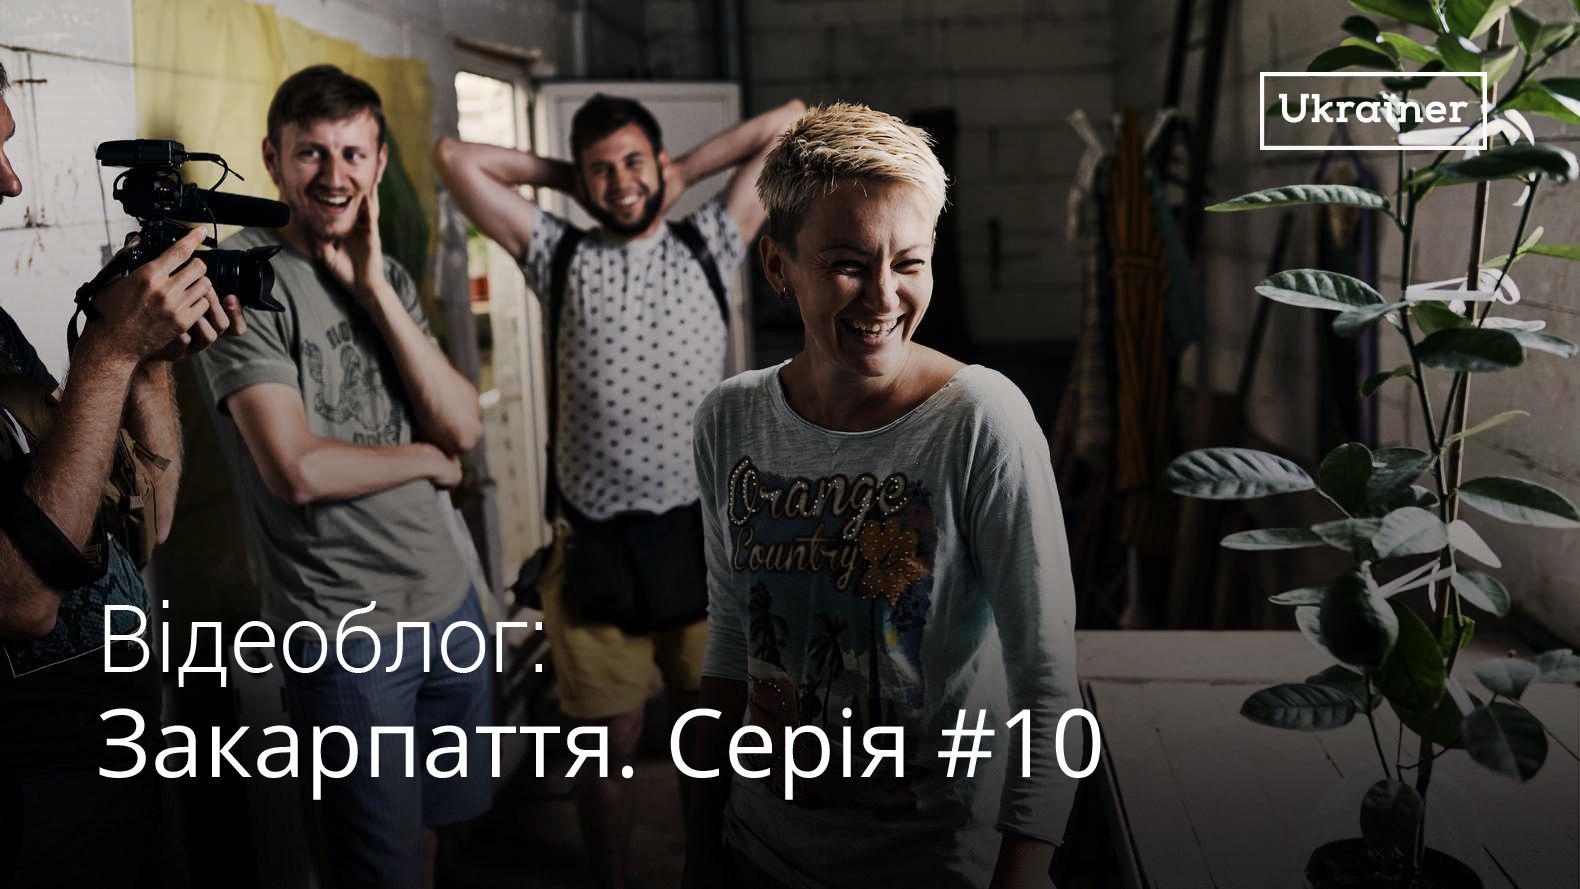 """Закарпатські банани, ананаси та... рокот крумплі: проект """"Ukraїner"""" показав чергову серію відеоблогу"""